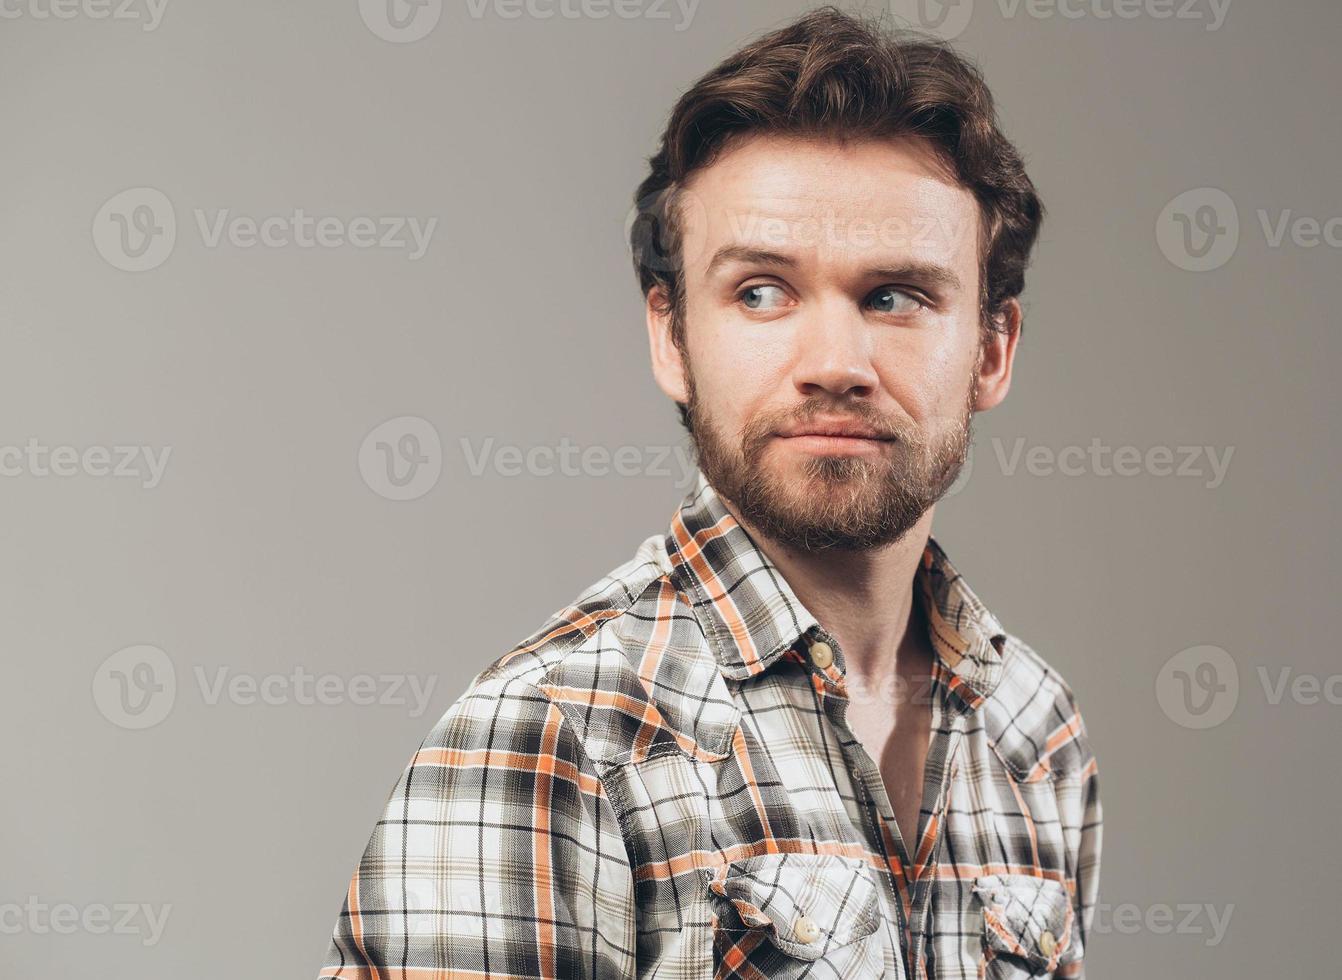 barba uomo ritratto guardando a sinistra studio foto